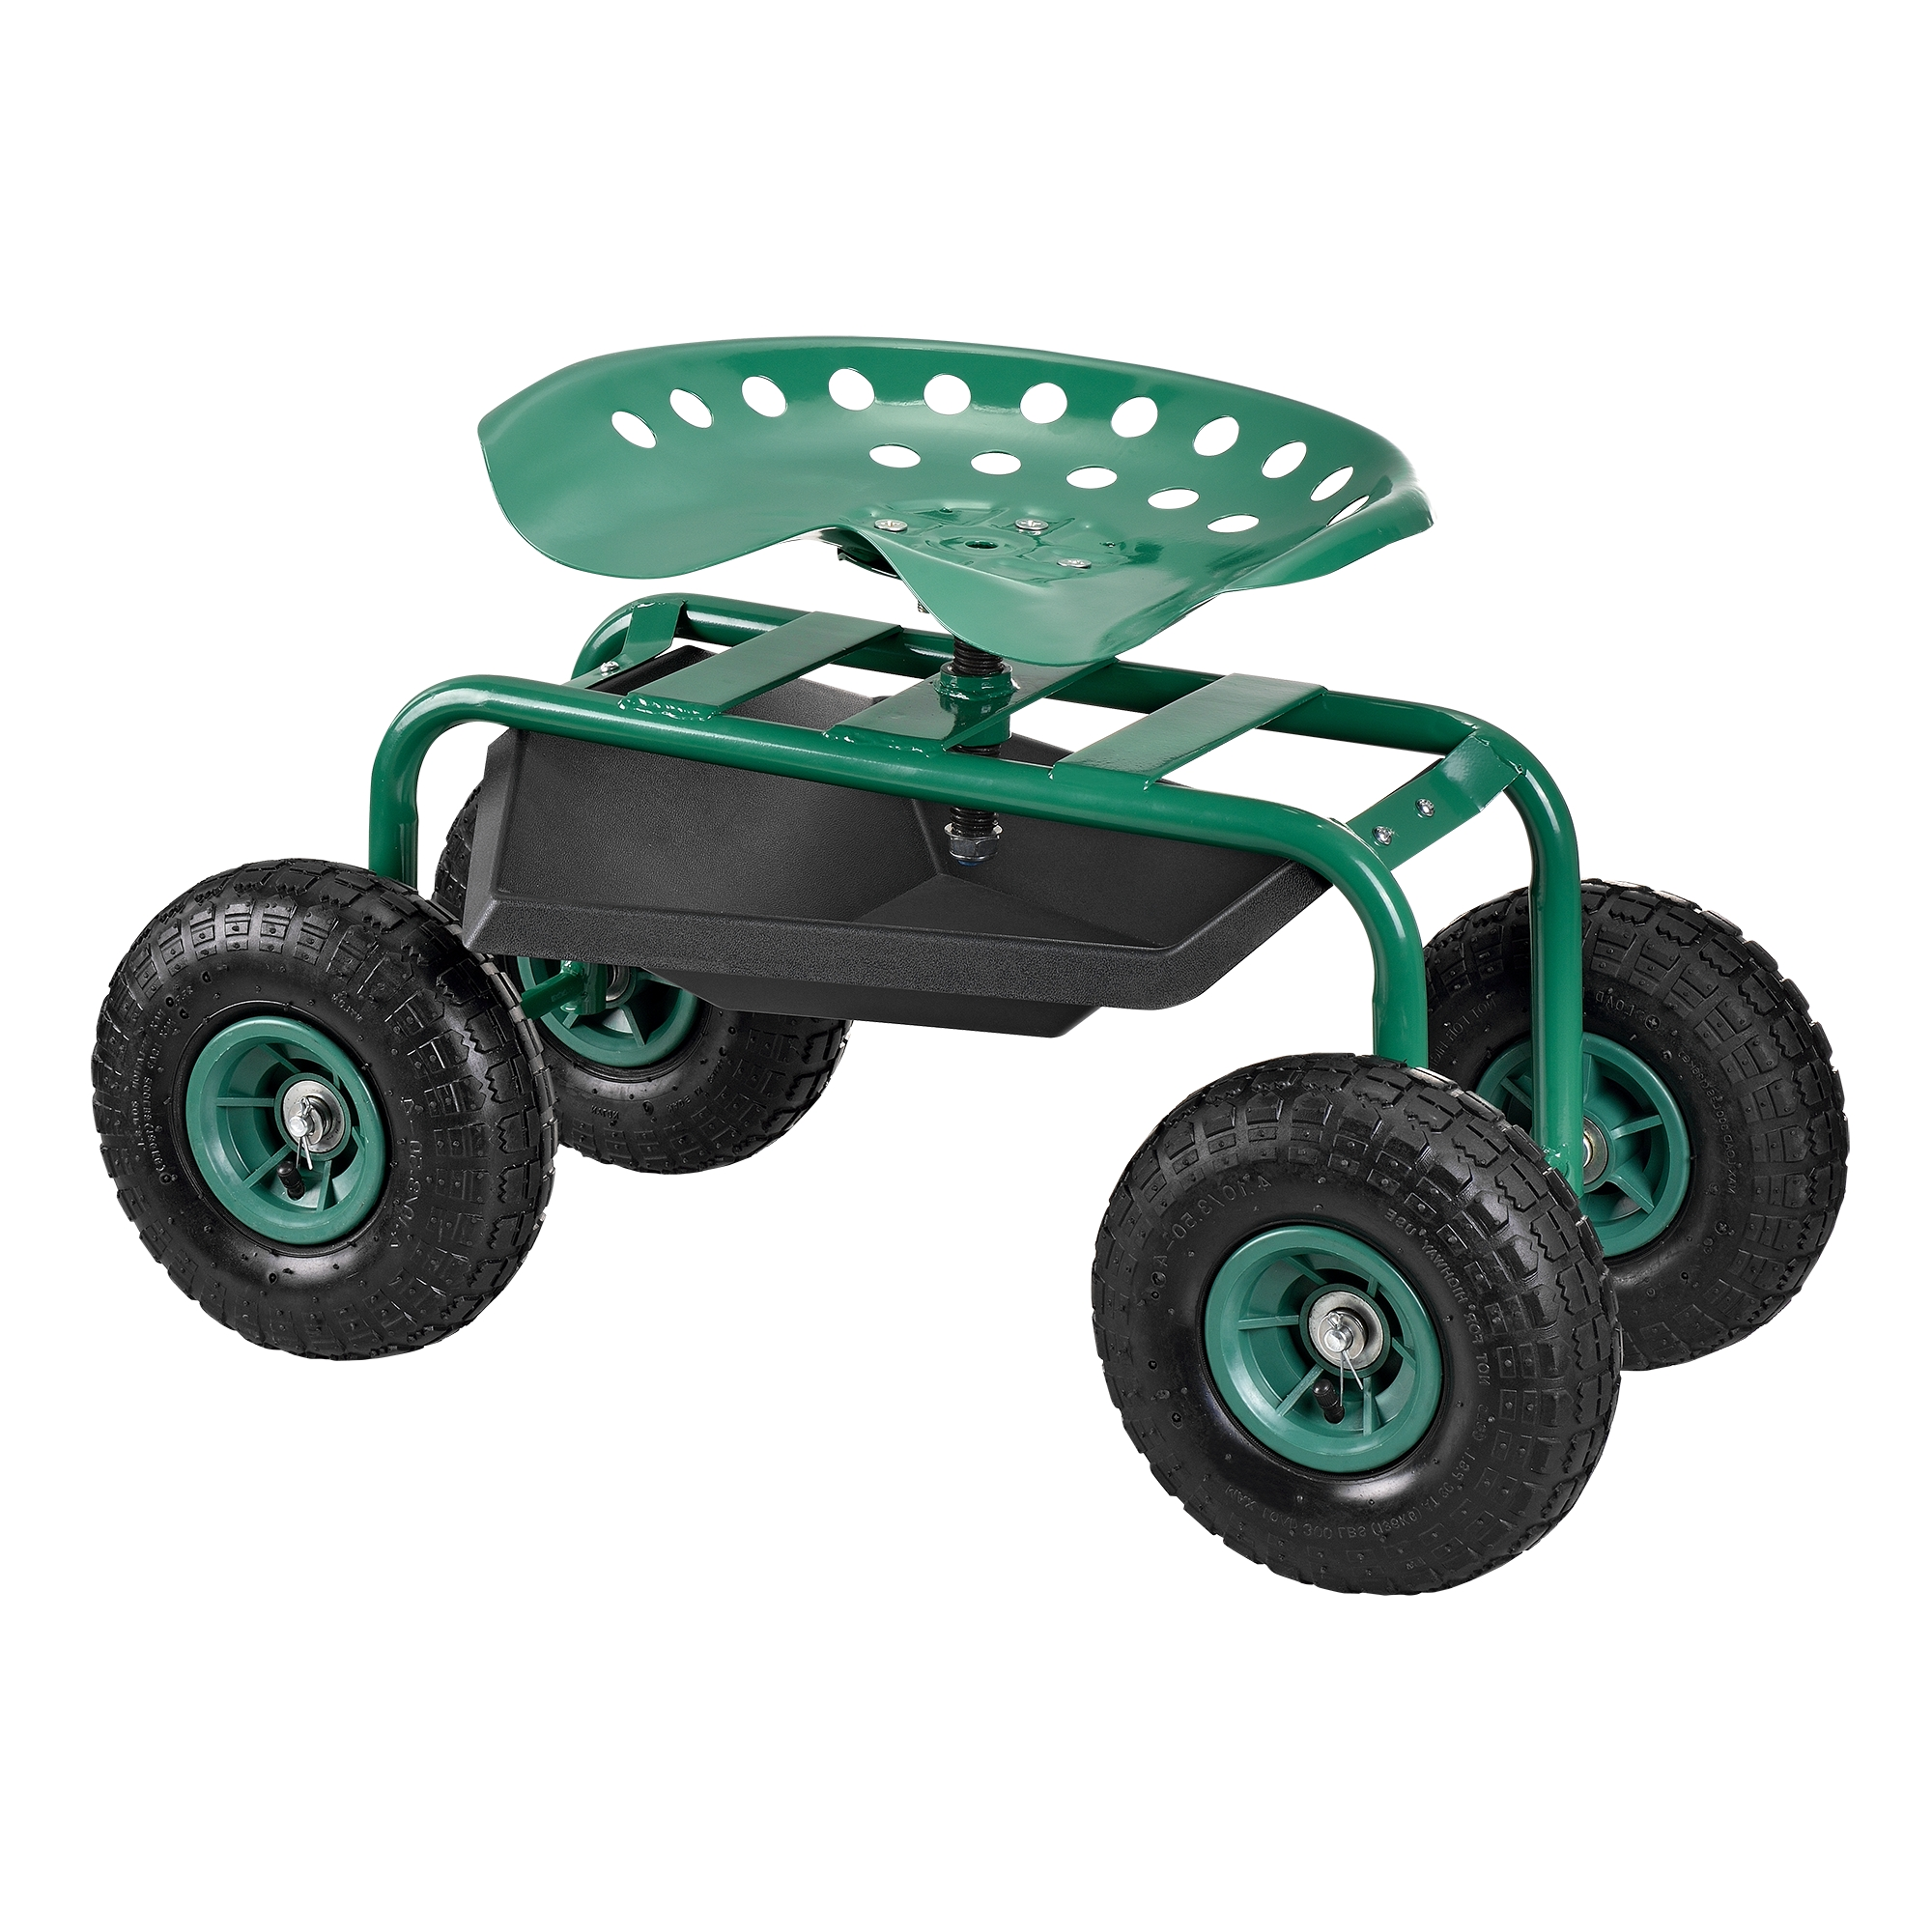 [pro.tec]® Zahradní židle s kolečky - na zahradní práce,81 x 44,5 x 54 cm,zelená